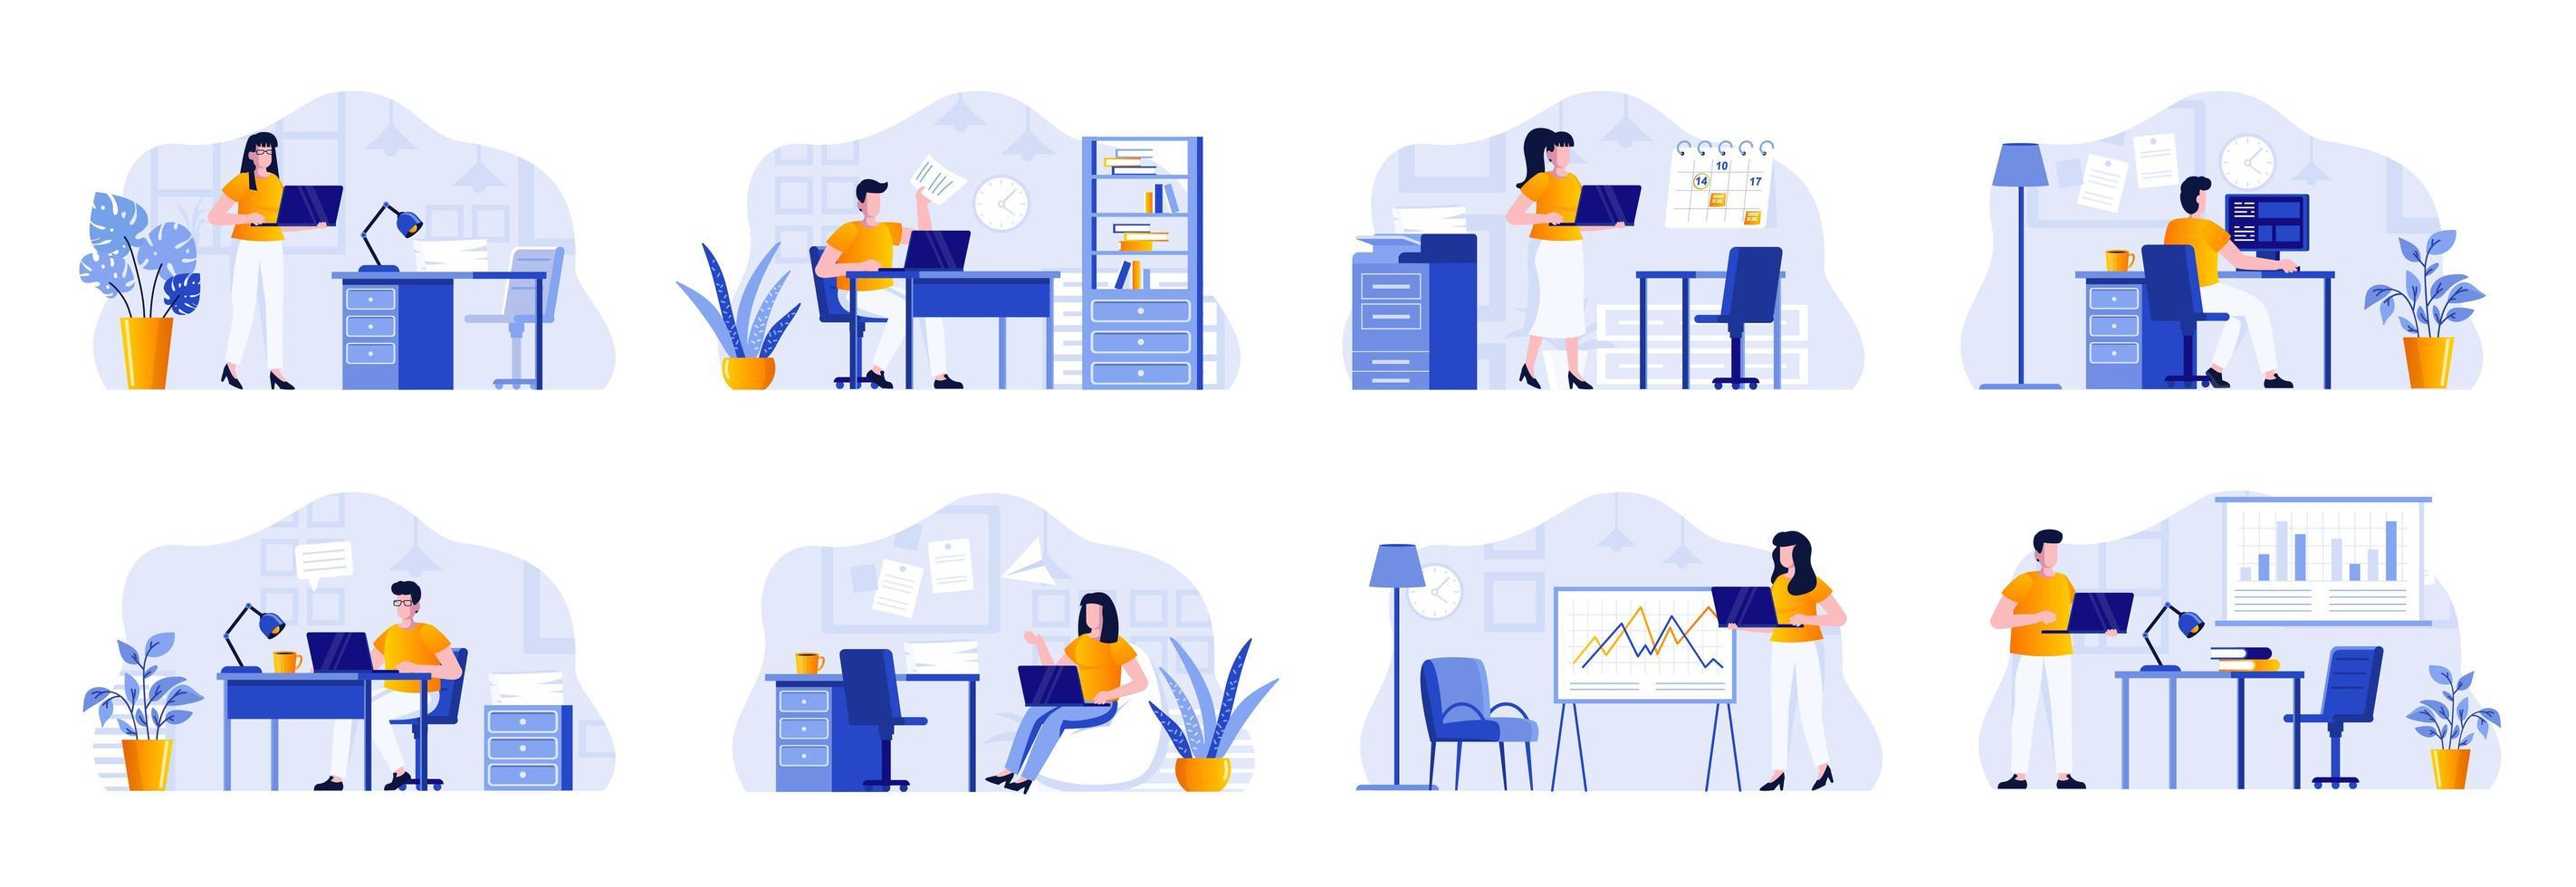 office management scenes bundelen met mensen vector